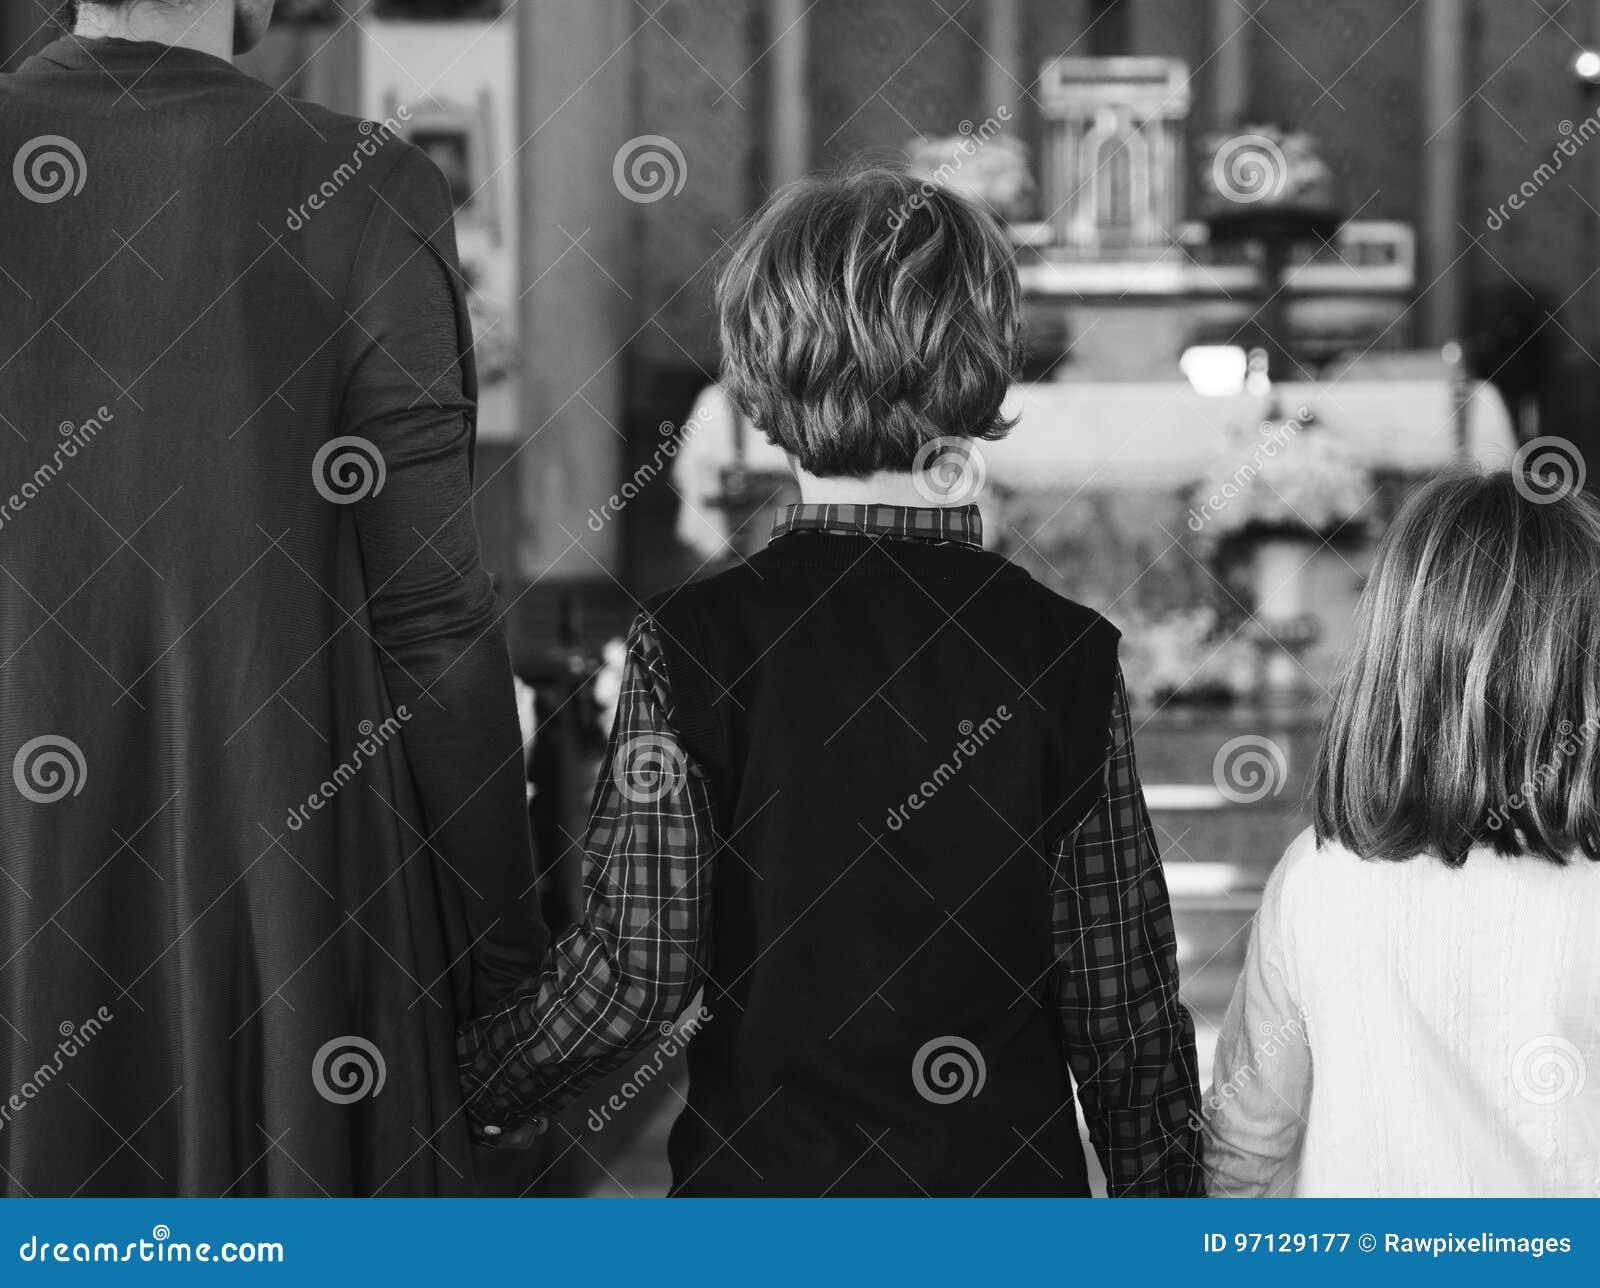 La Credenza Religiosa : La gente della chiesa crede famiglia religiosa di fede immagine